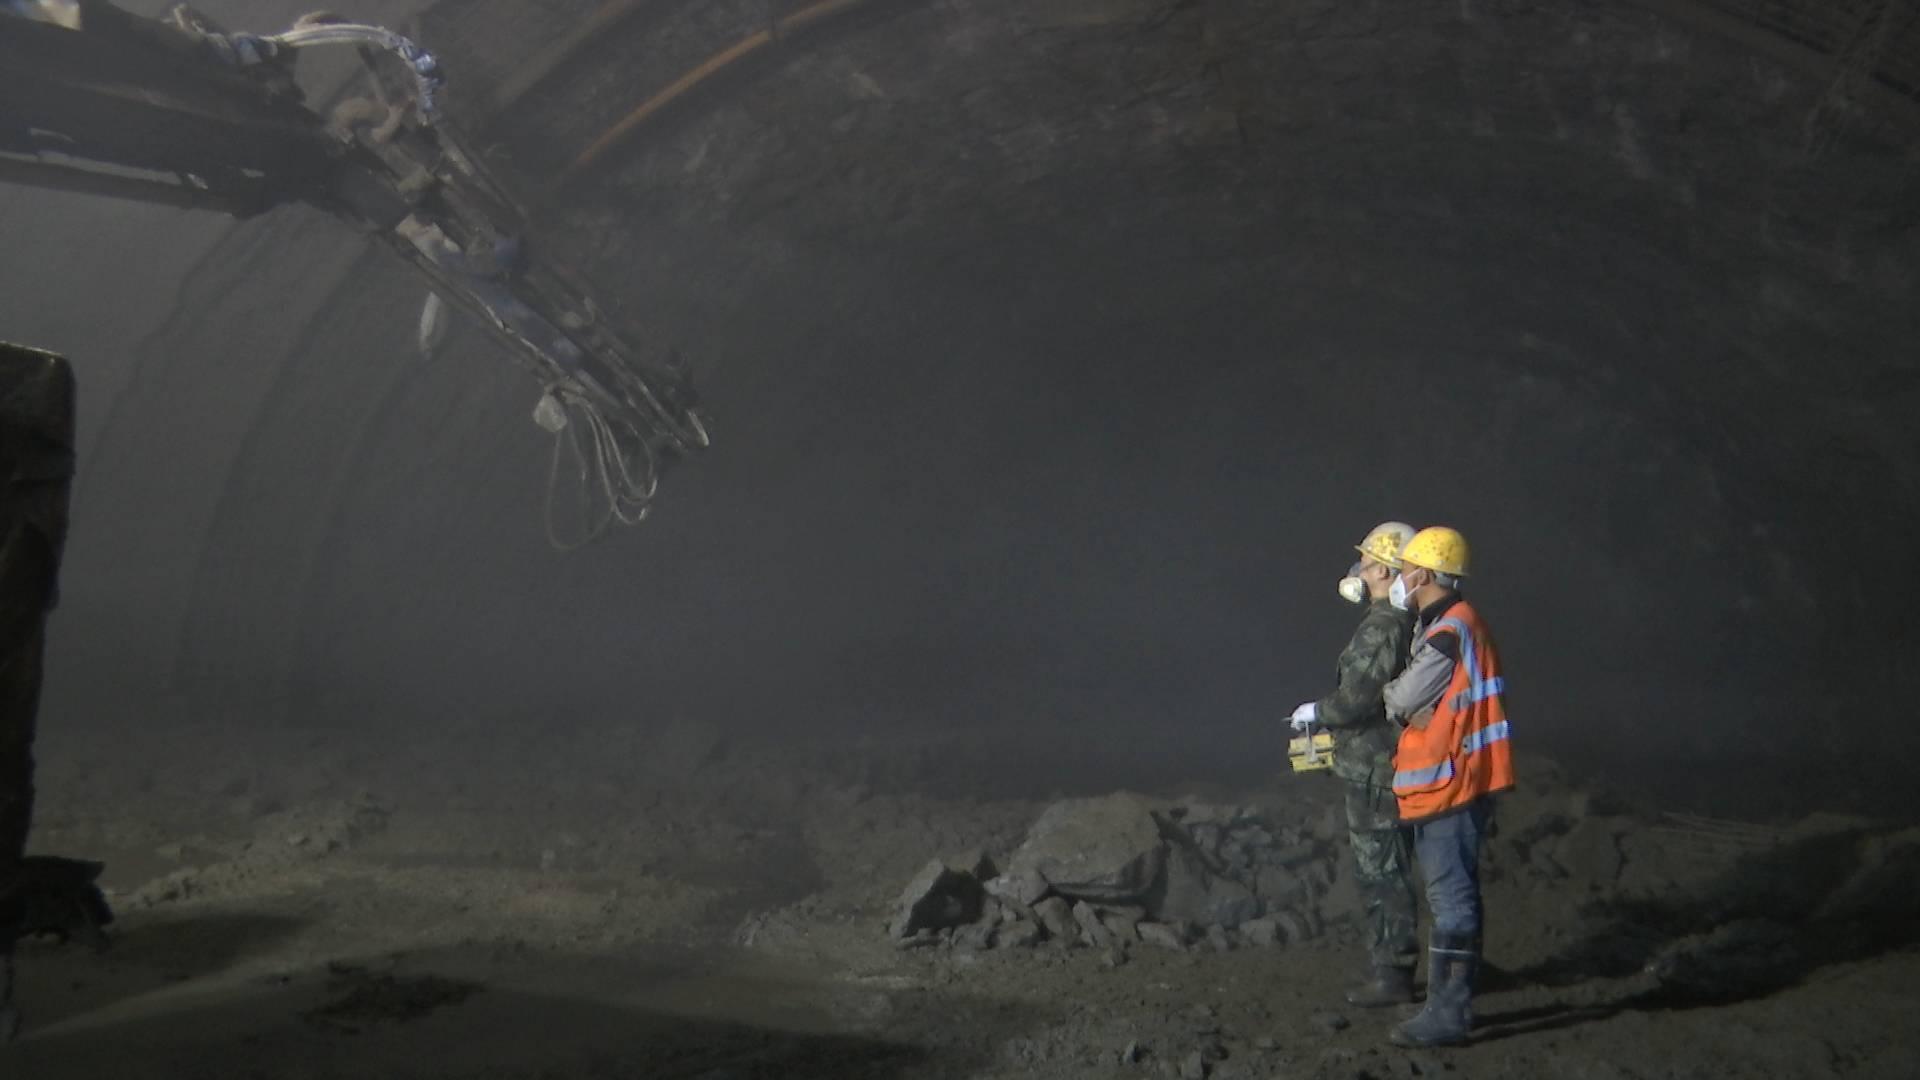 中秋假期·坚守|90后隧道工人:路通了 我的成就感就来了